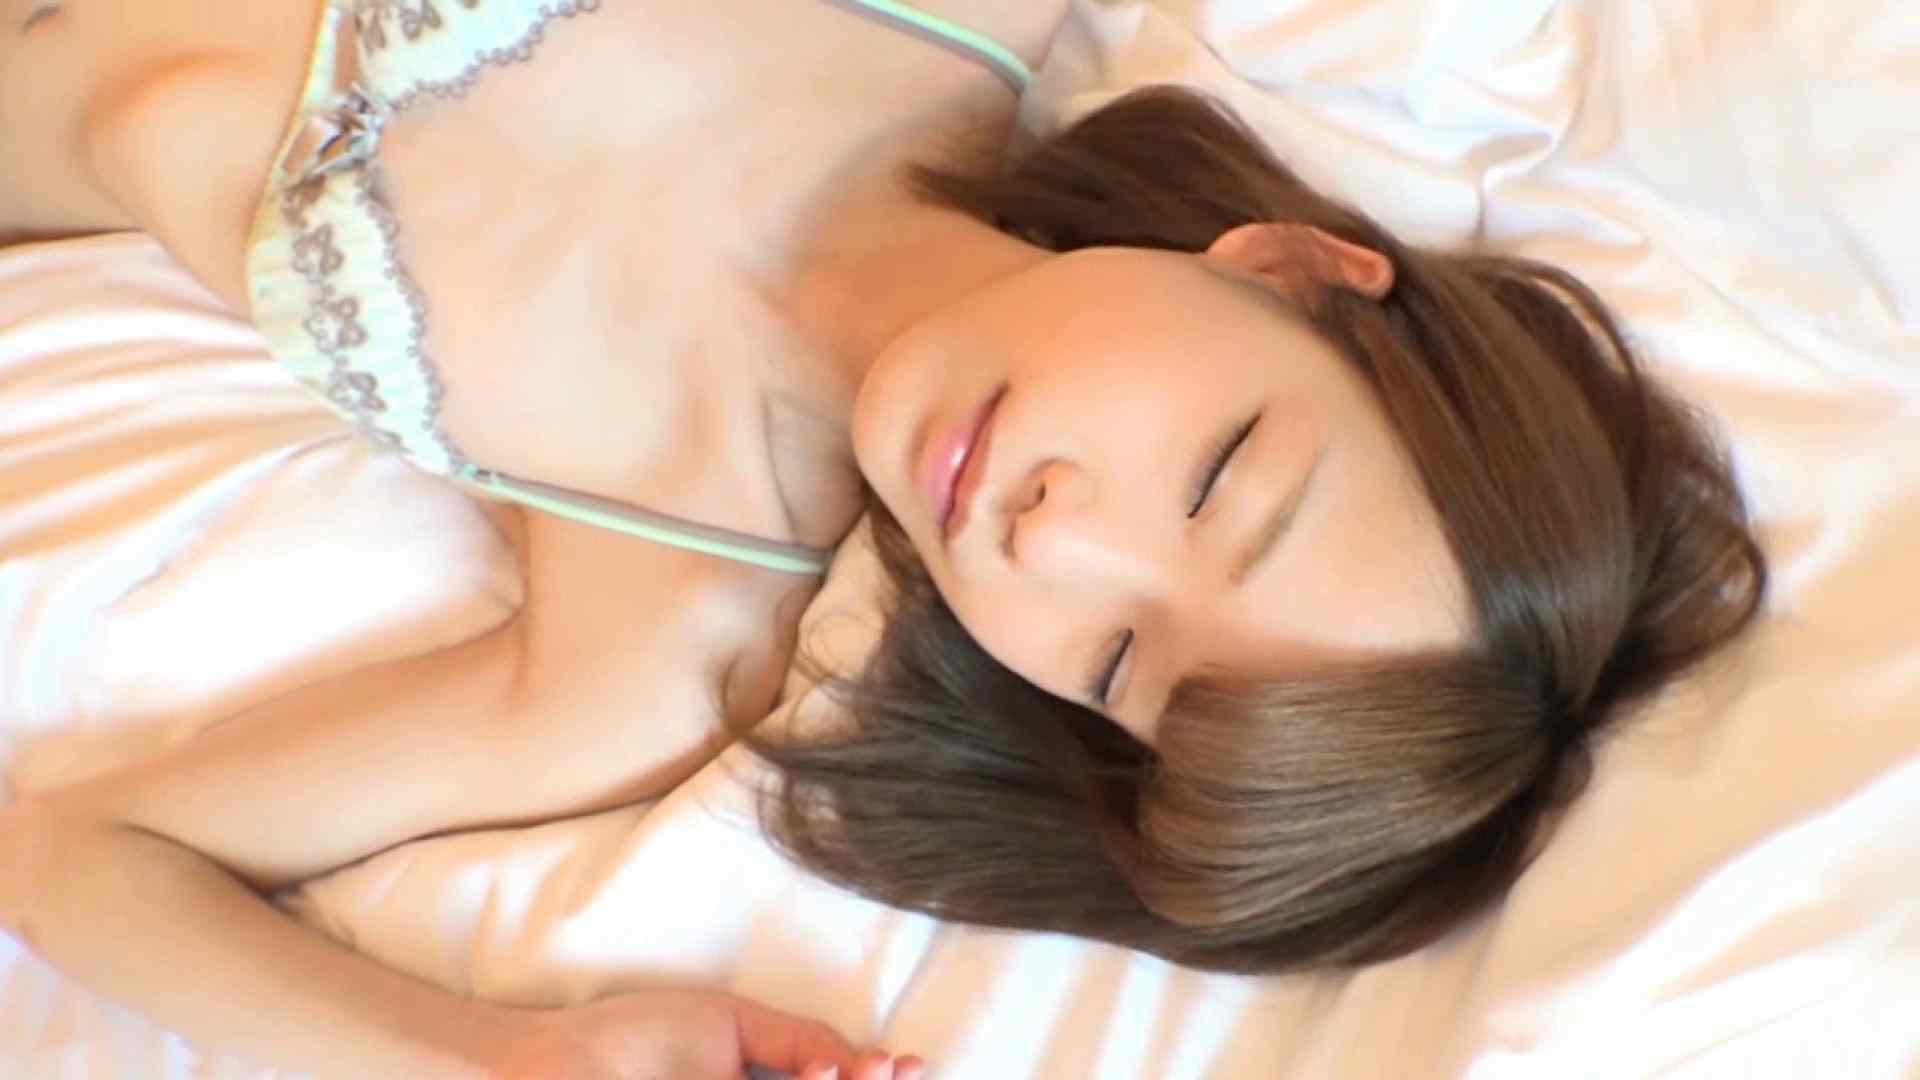 素人S級美女特選!小悪魔ギャル噂のビッチガールVol.32 前編 素人丸裸 AV動画キャプチャ 78pic 11